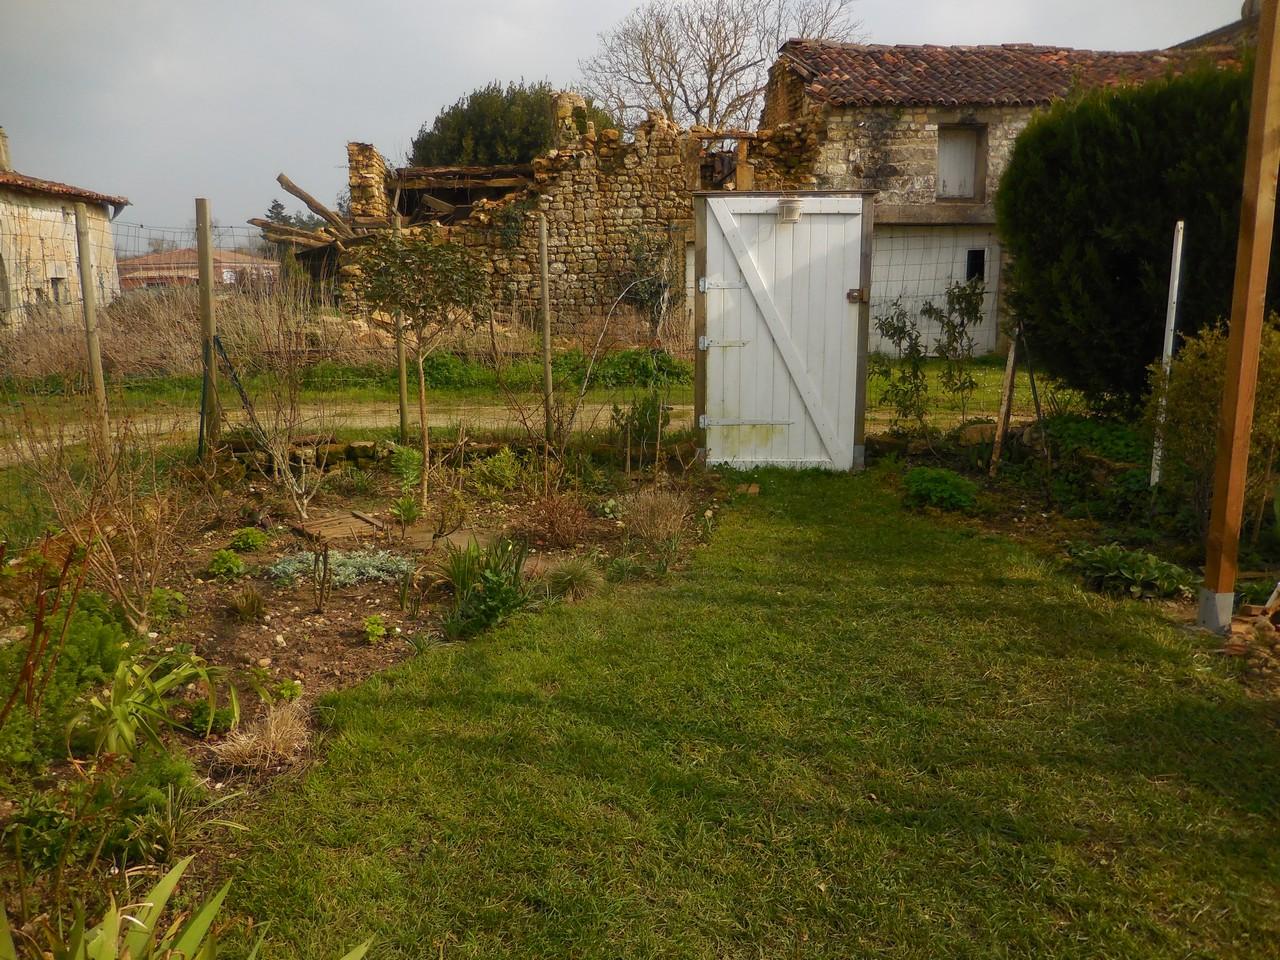 Cagouille 39 s garden jour de tonte for Tonte jardin